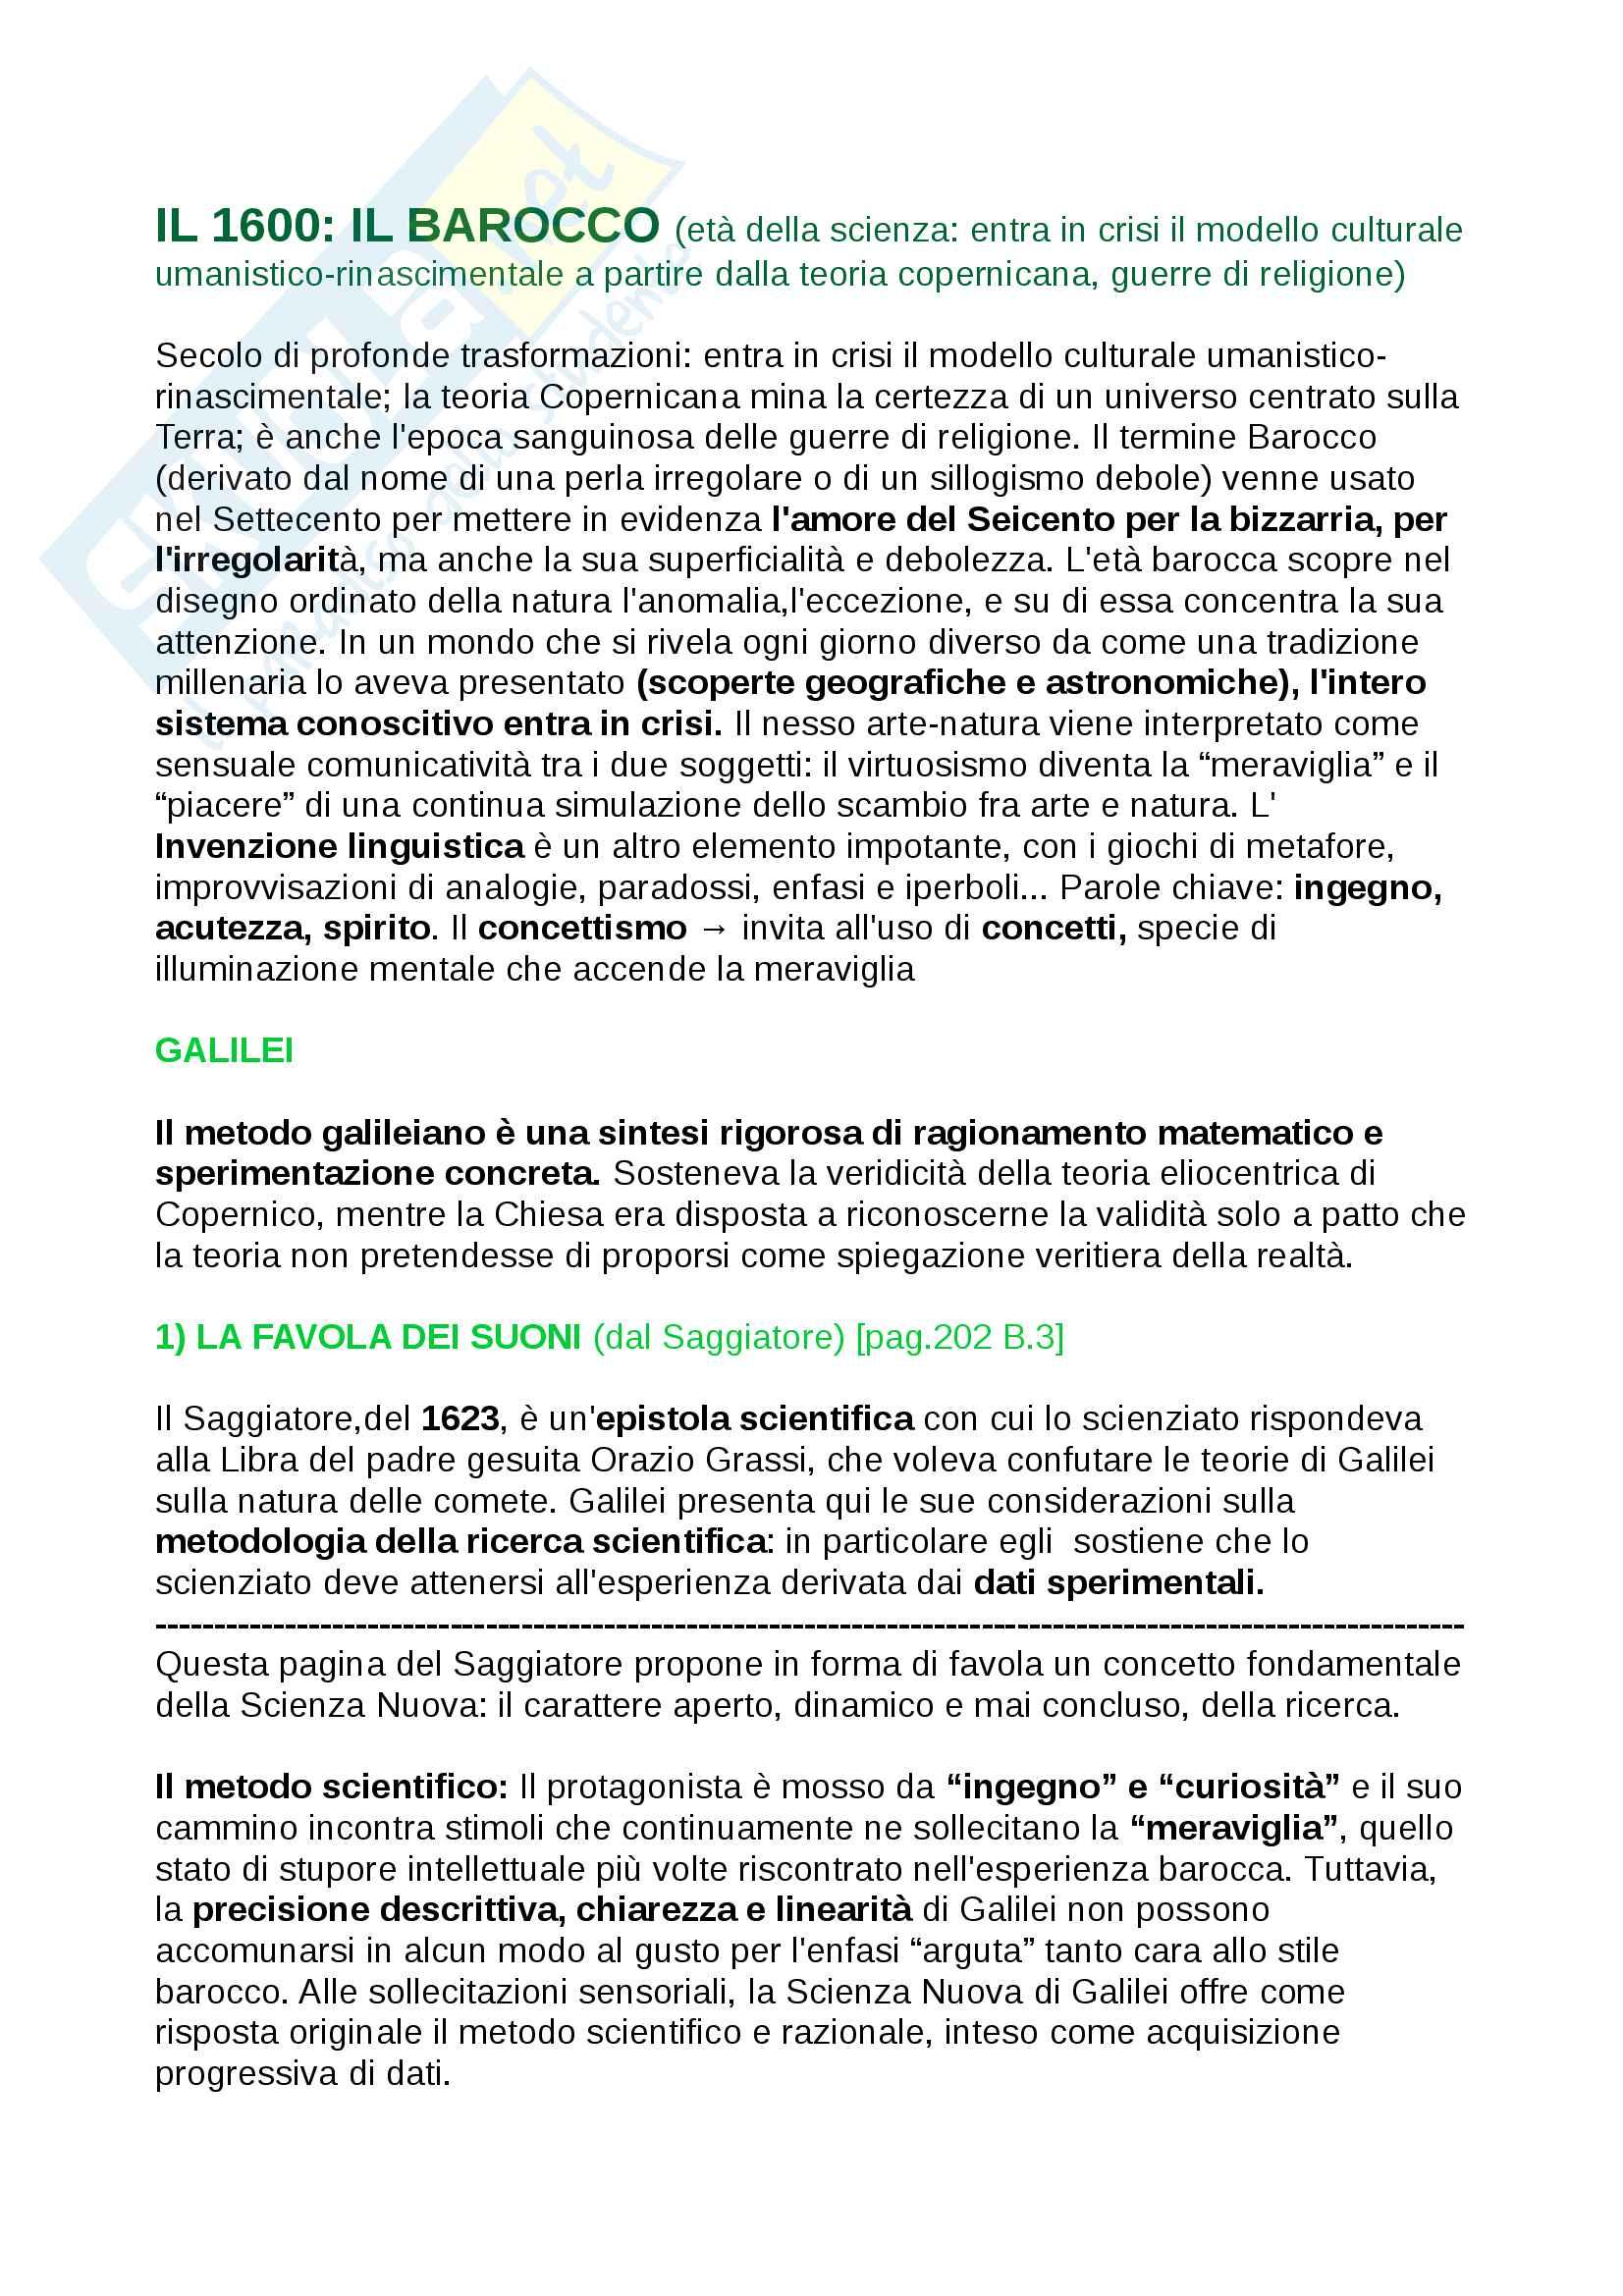 Riassunti Letteratura Italiana dal 1600 al 1700, libro consigliato 3° Baldi , con analisi dei testi, introduzione agli autori e opere, contesti storici, prof. Oliva